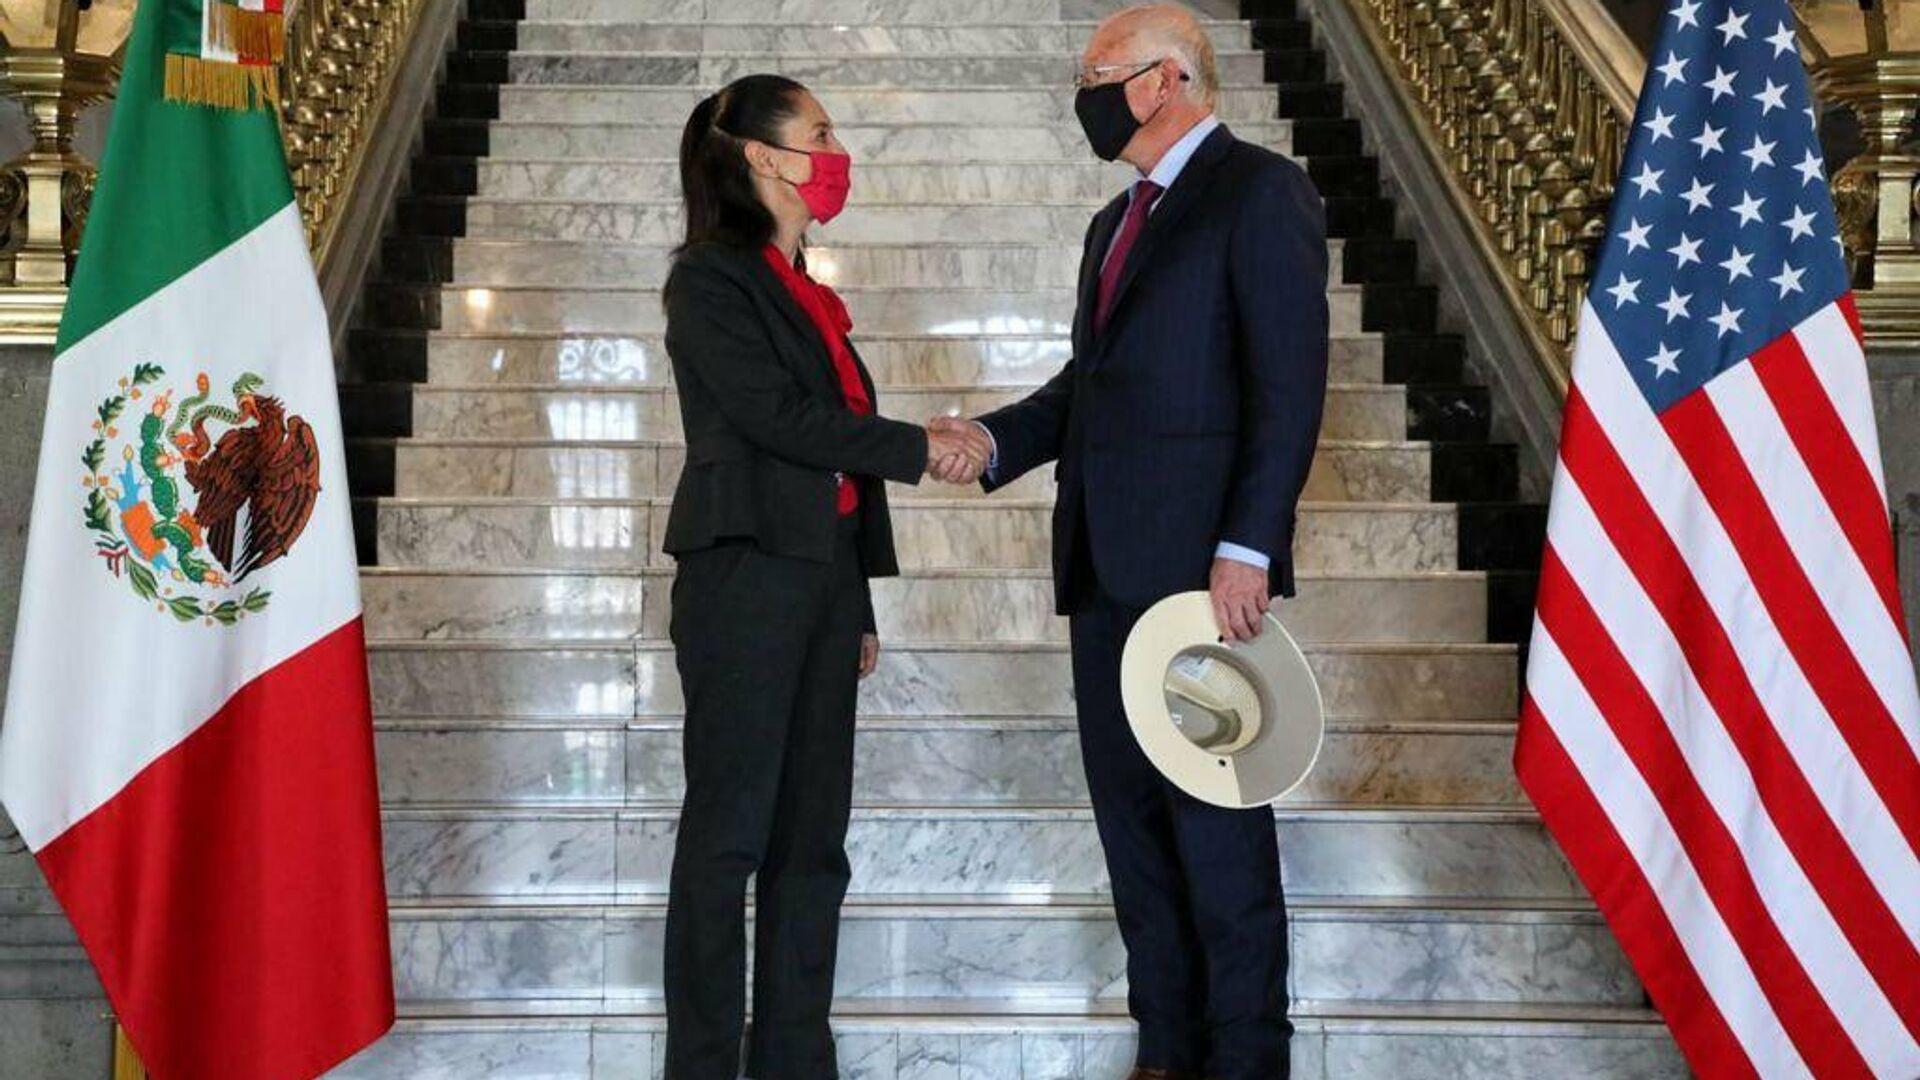 Reunión entre Claudia Sheinbaum, jefa de gobierno de la Ciudad de México y Ken Salazar, embajador de EEUU en México - Sputnik Mundo, 1920, 28.09.2021